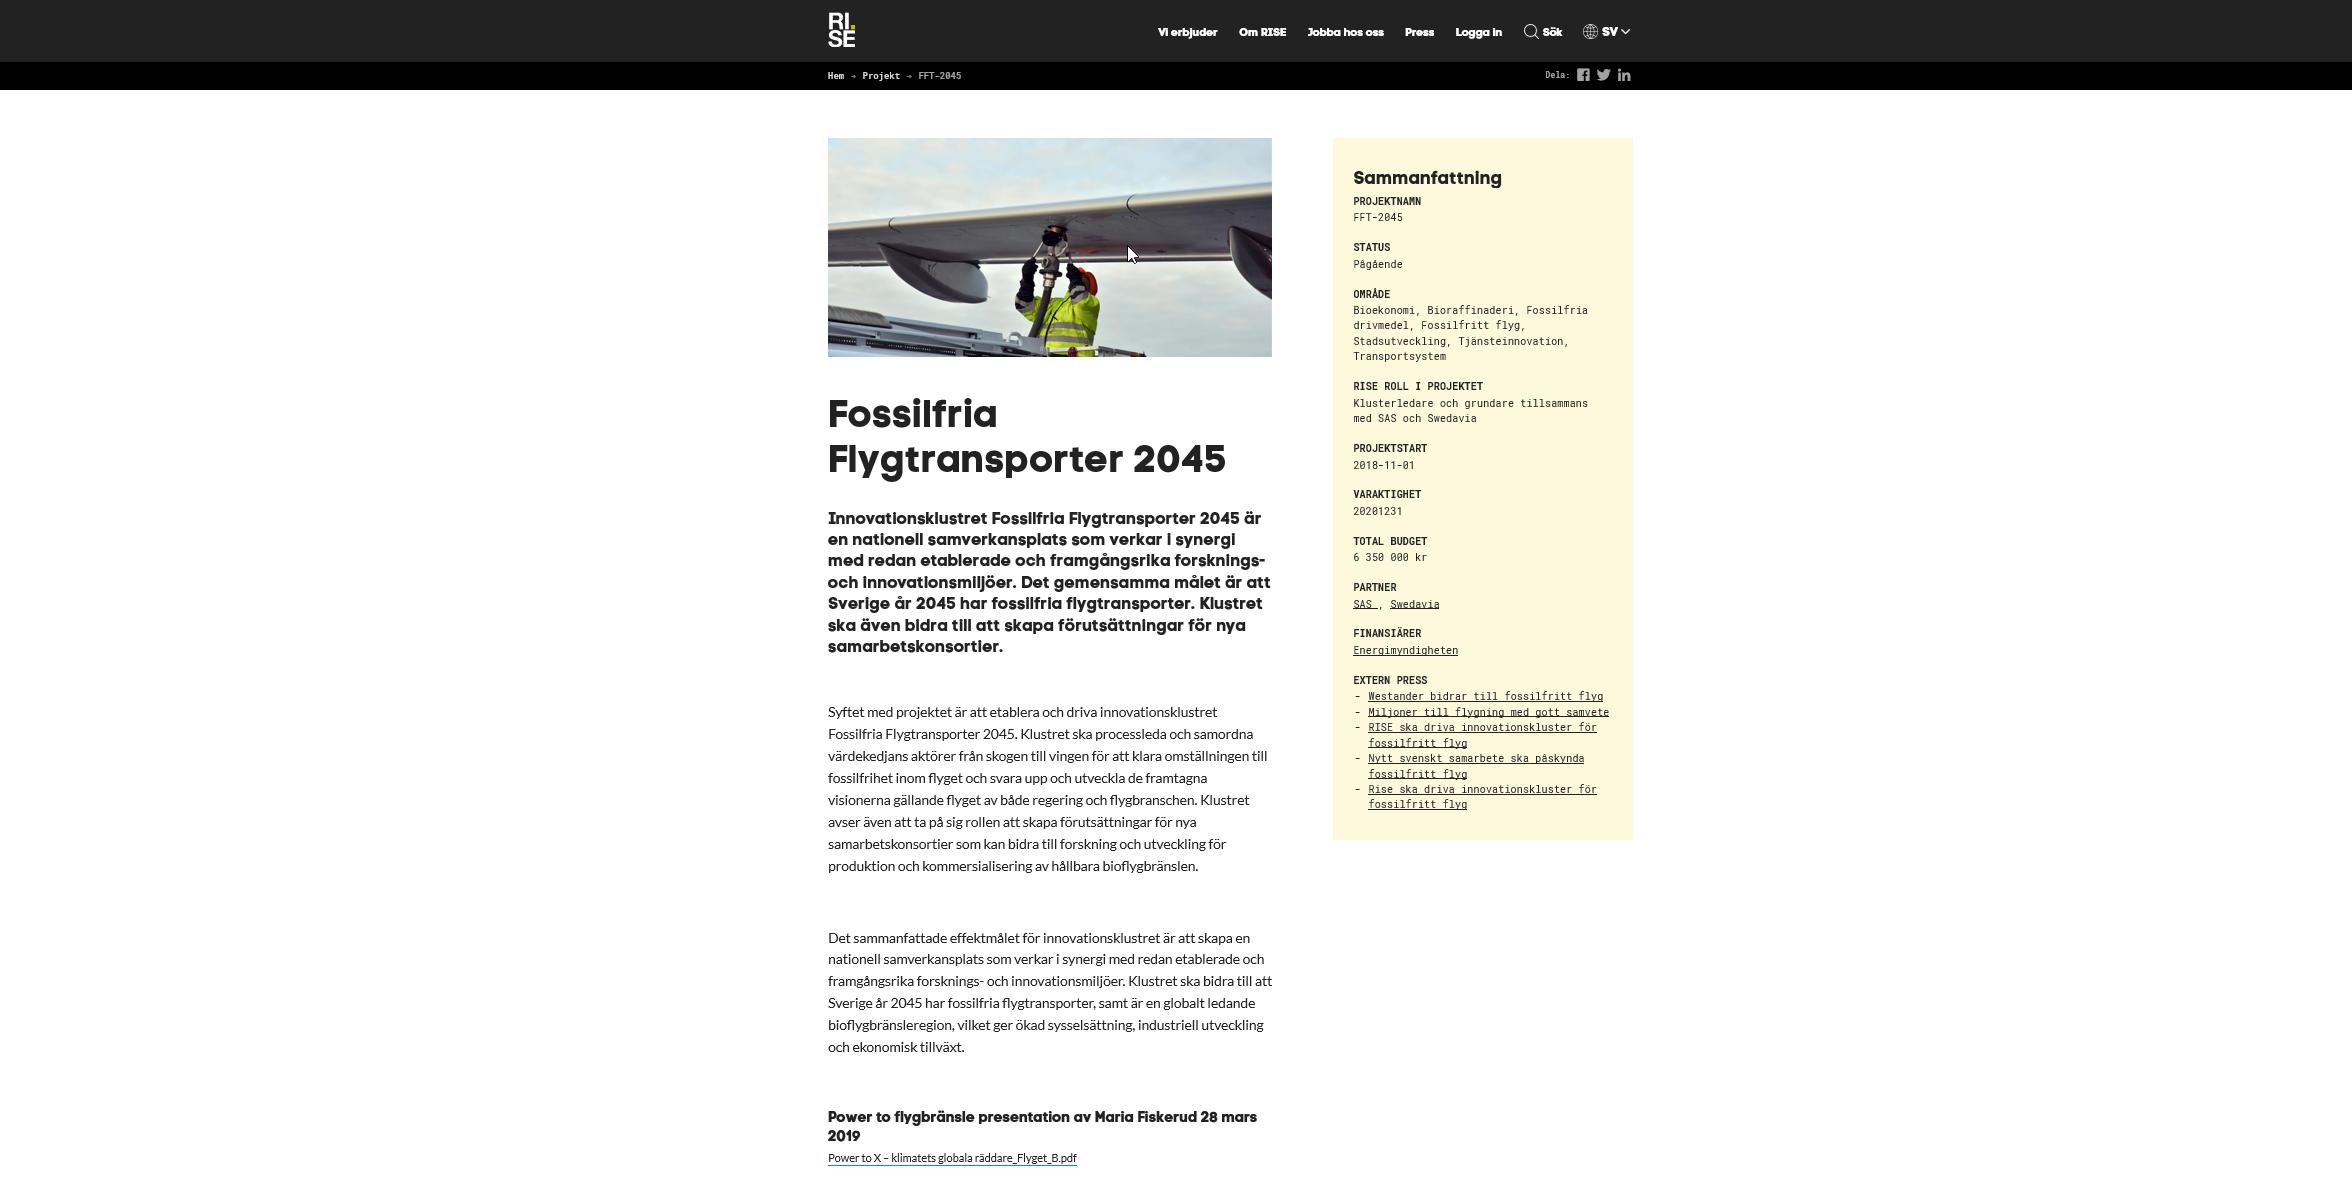 Fossilfria Flygtransporter 2045